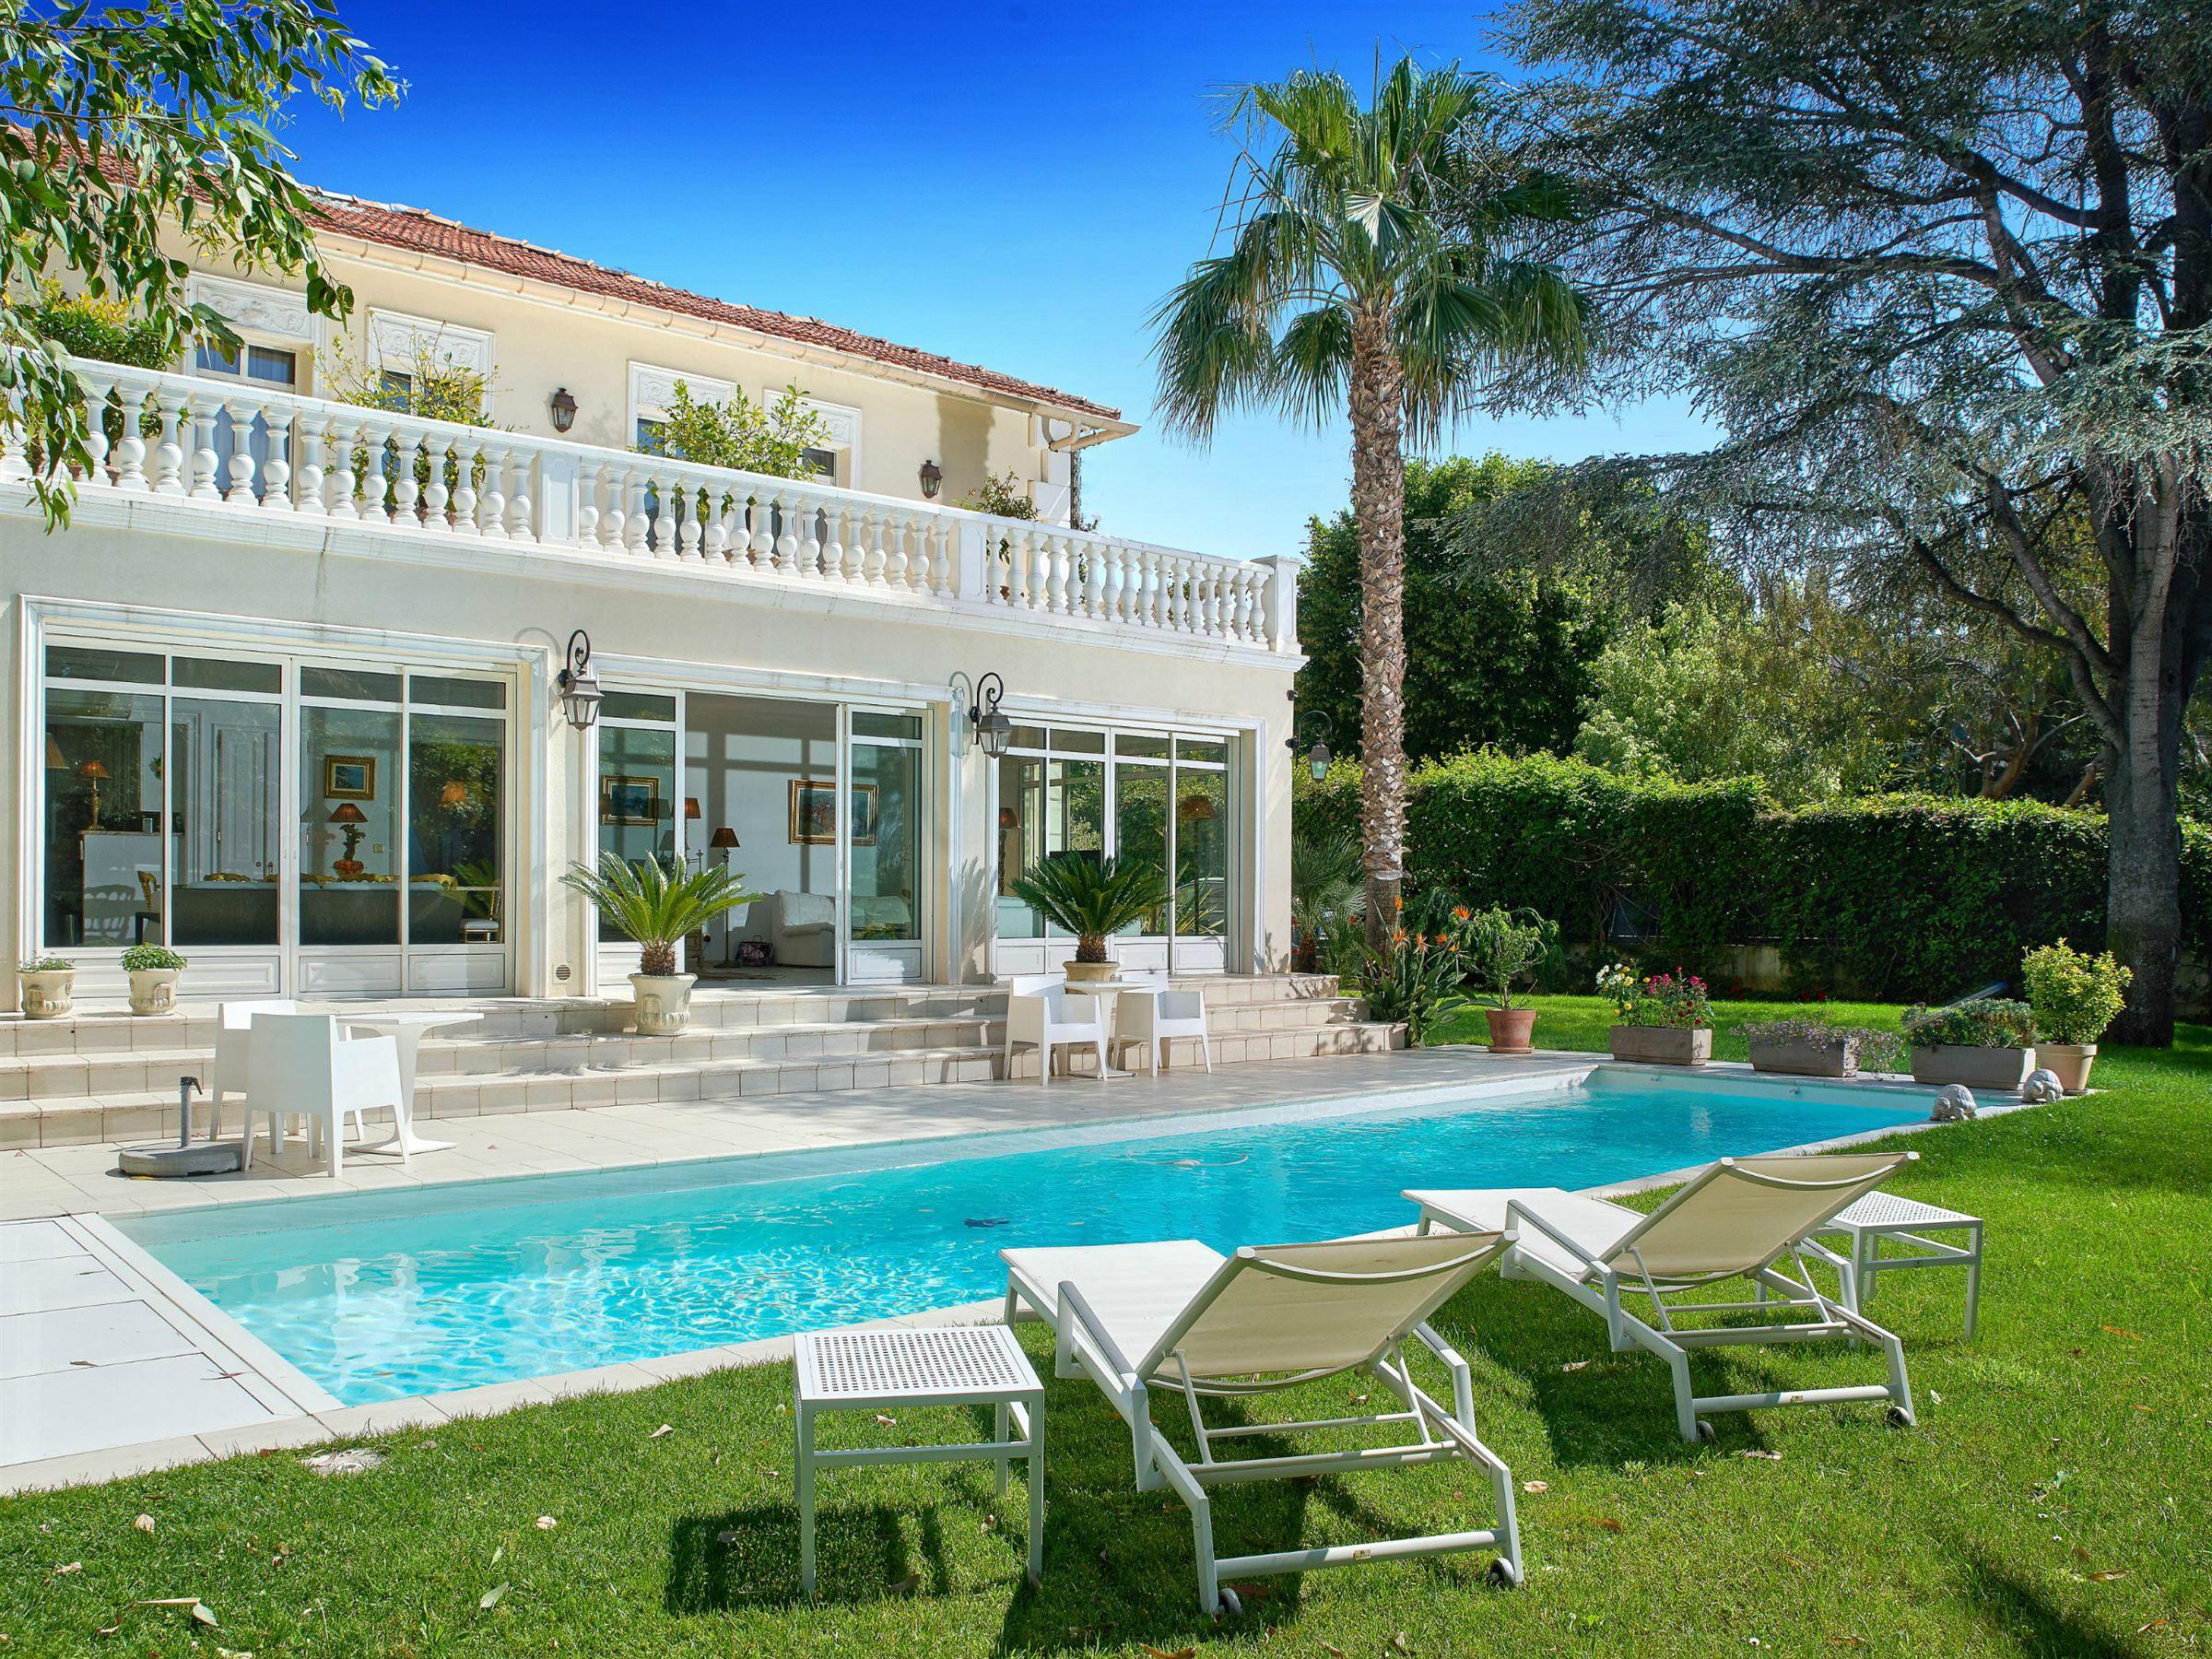 Villa per Vendita alle ore Charming villa located in the sought after 'Basse Californie' in Cannes Cannes, Provenza-Alpi-Costa Azzurra 06400 Francia